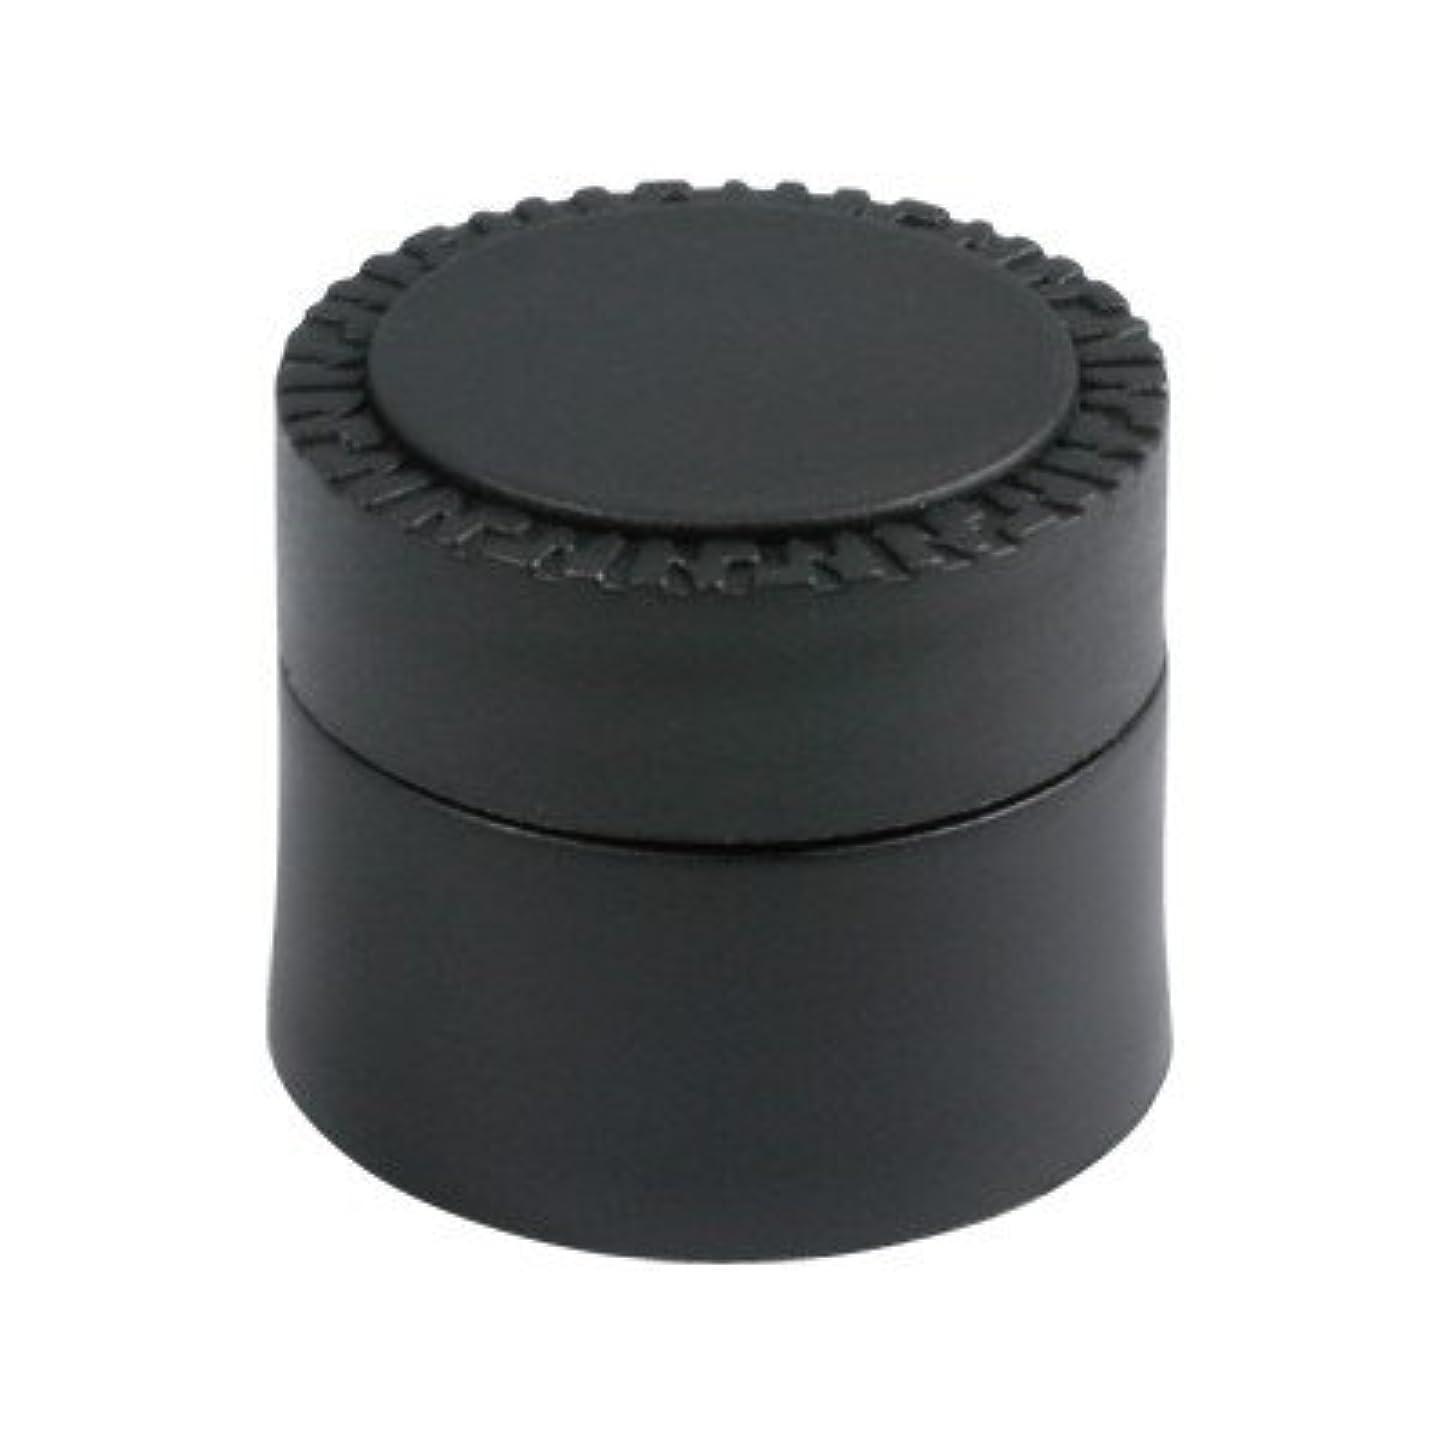 ランク発症弱いメルティージェル NFS MELTY GEL 空容器 黒 (容量5g)